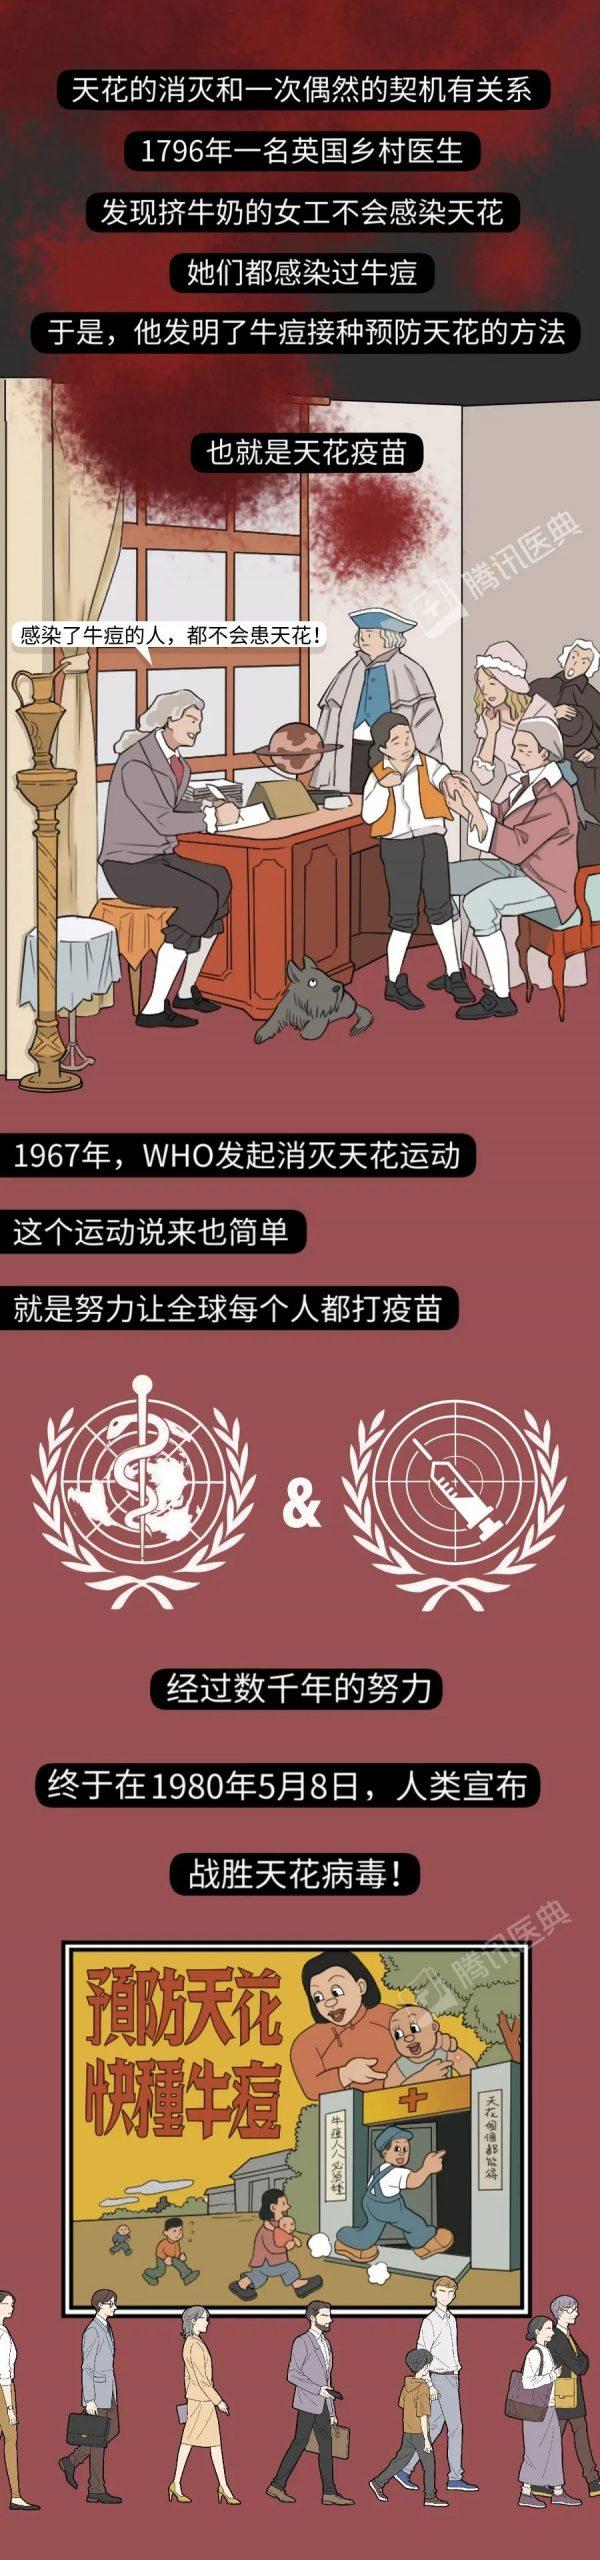 假如全球新冠疫情永不结束,我们该怎么办?